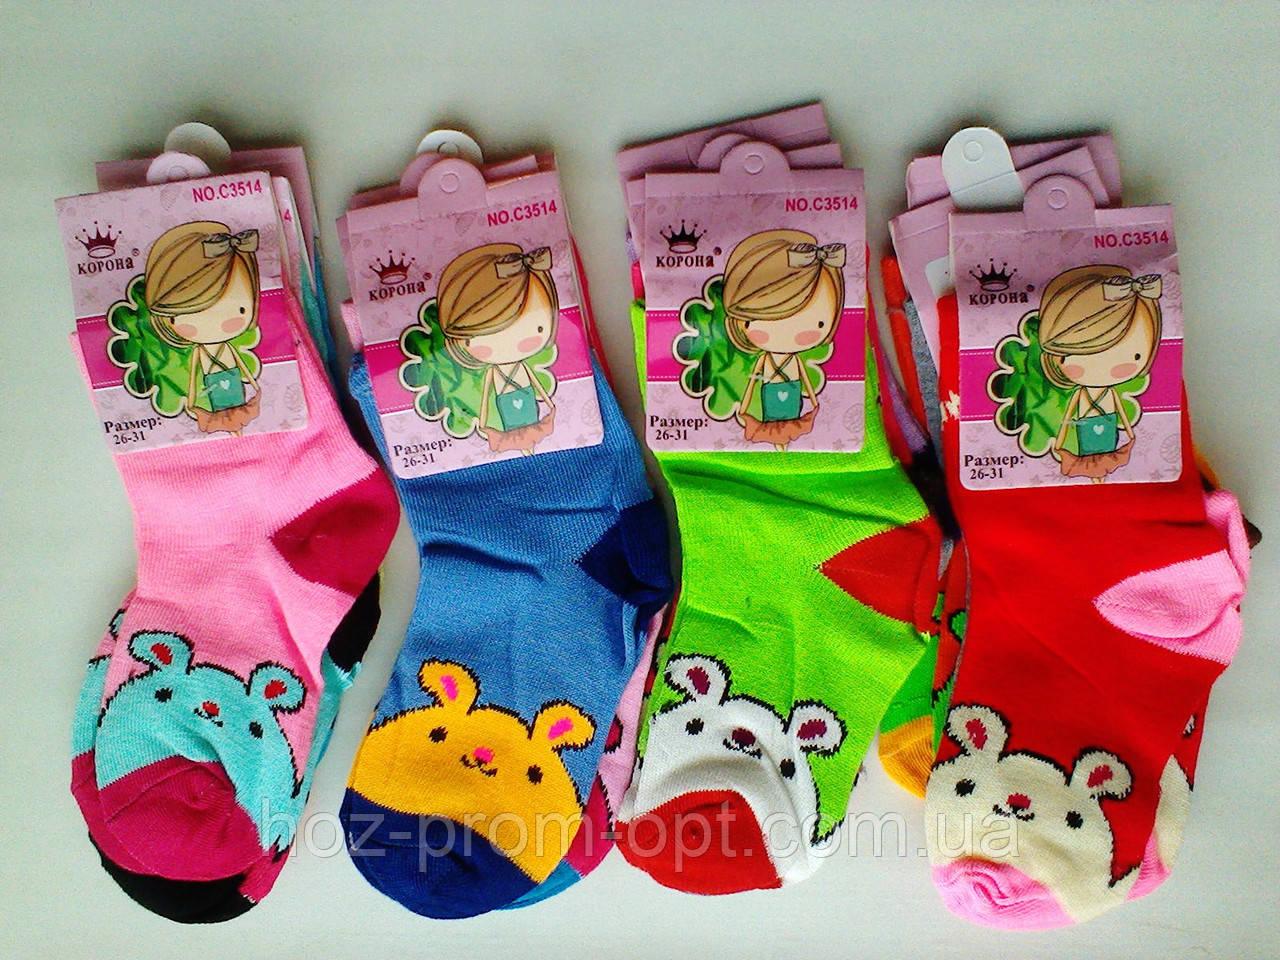 """Носочки для девочек """"КОРОНА"""", размер 26-31;- Состав: Бамбук 80% .Возможны другие рисунки"""